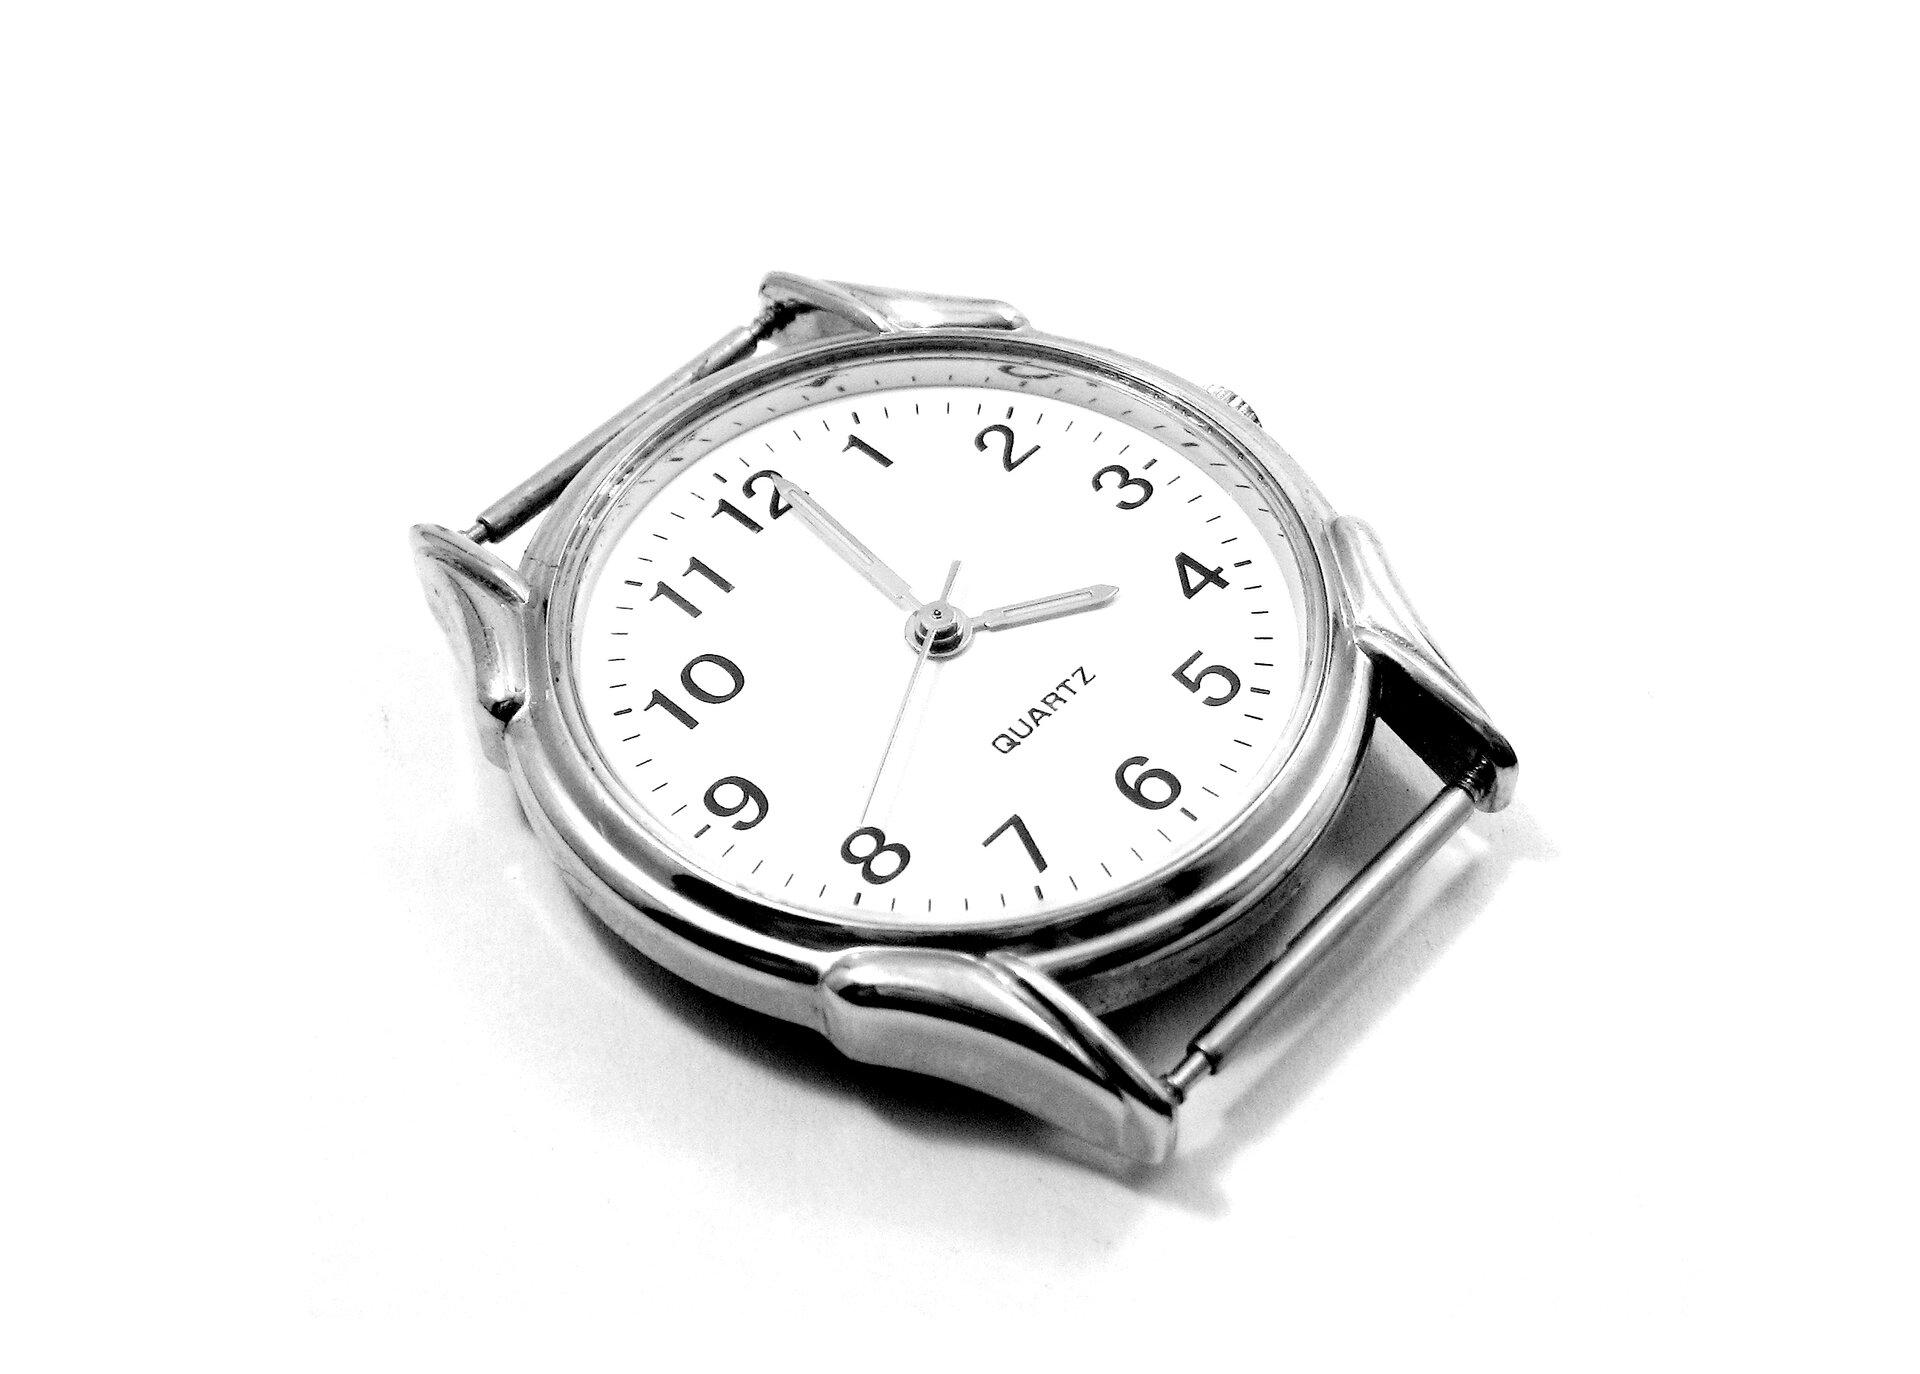 Zdjęcie przedstawia zegarek ręczny bez paska. Koperta metalowa, srebrna, podobnie wskazówki. Cyferblat biały zczarnymi cyframi arabskimi. Pomiędzy cyframi 8 i4 widoczny napis QUARTZ.